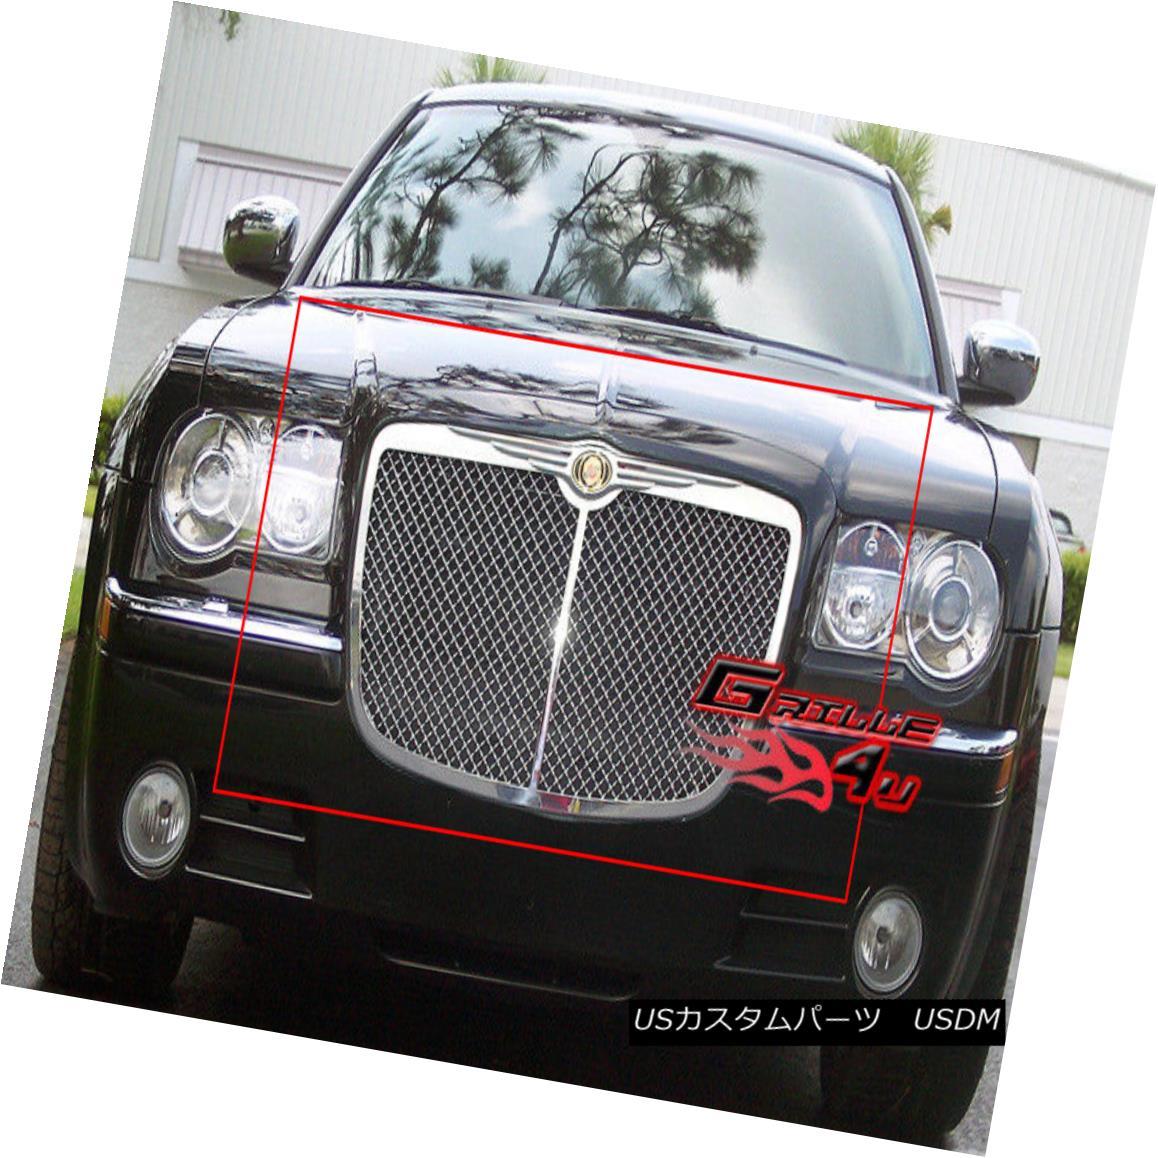 グリル For 05-10 Chrysler 300/300C Stainless Steel Mesh Grille 05-10クライスラー300 / 300Cステンレスメッシュグリル用